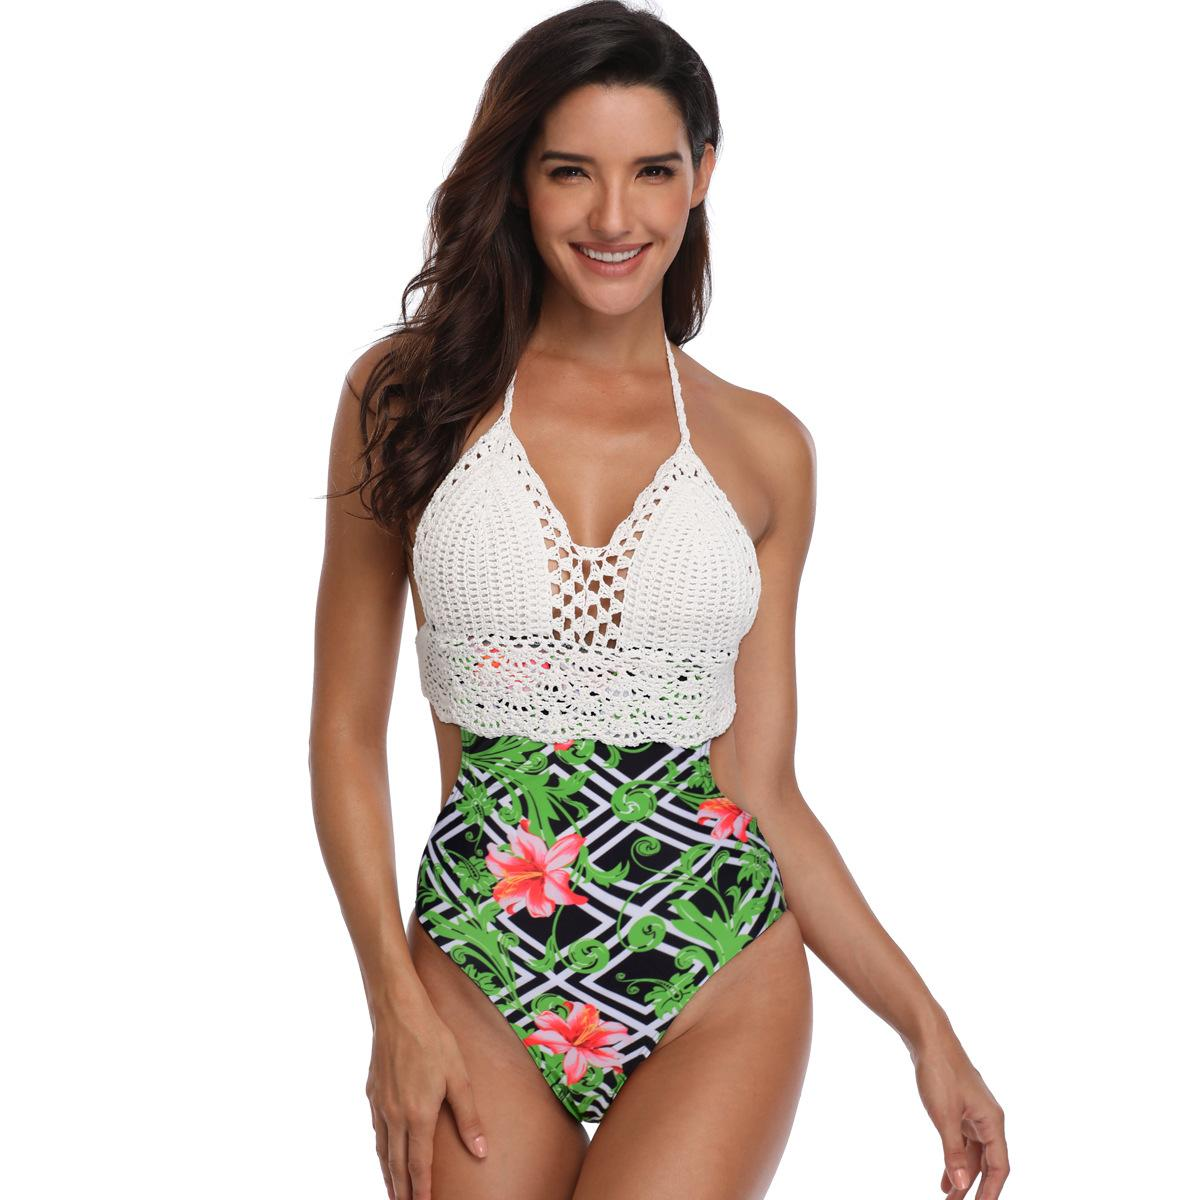 899745663f04 Mujeres Sexy de una sola pieza de cintura alta Bikini Flores de encaje de  impresión traje de baño traje de baño ropa de playa floral de punto bikini  ...